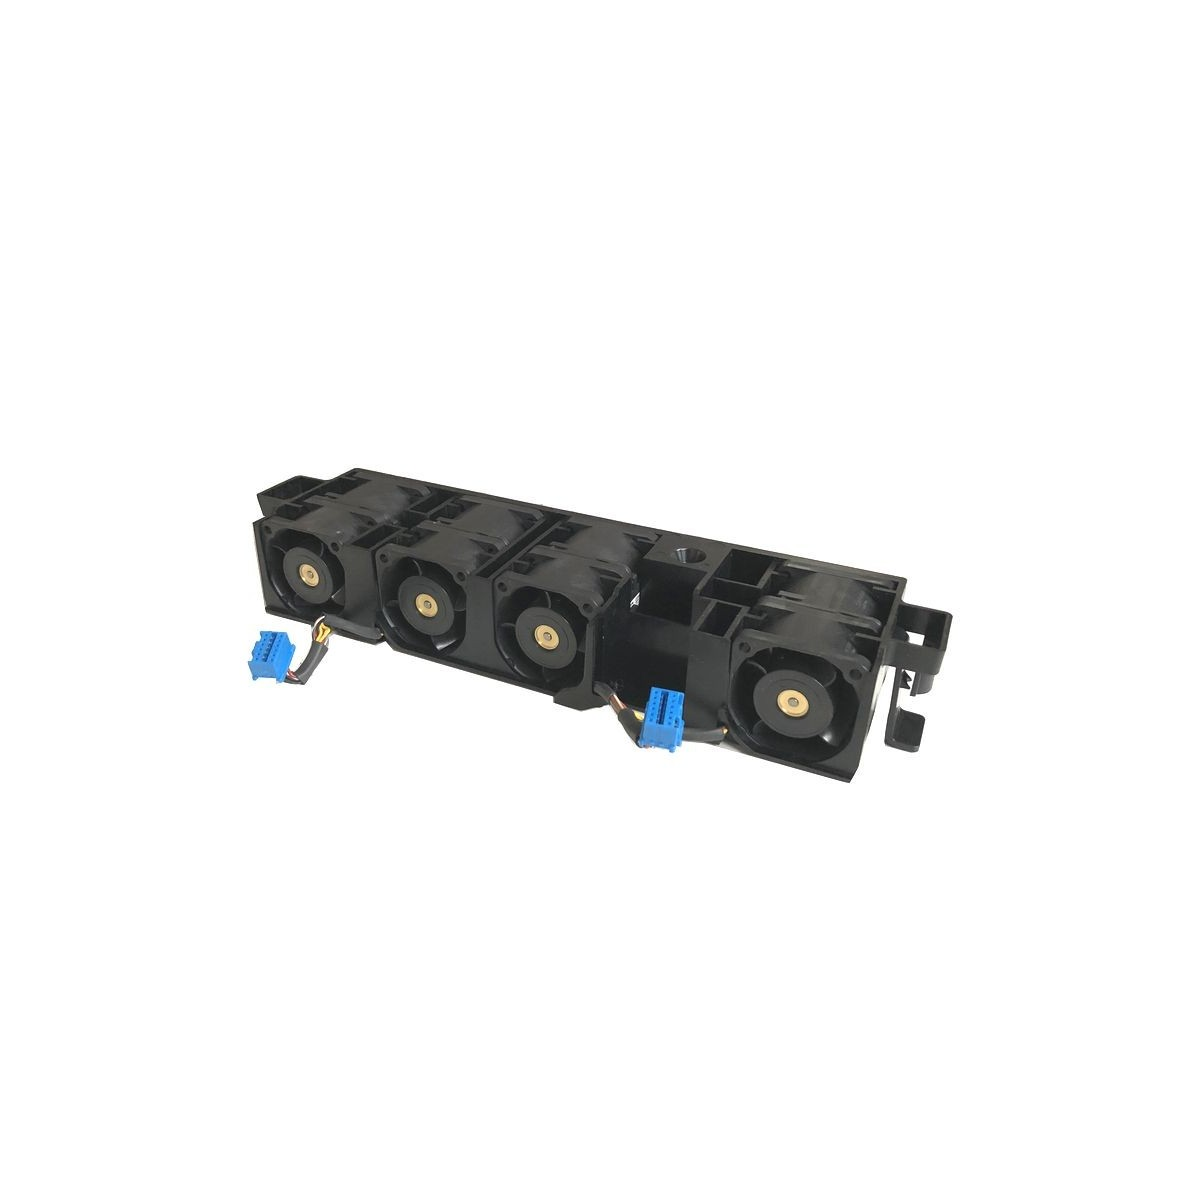 SZYNY RACK DELL R320 R330 R420 R620 R630 09D83F